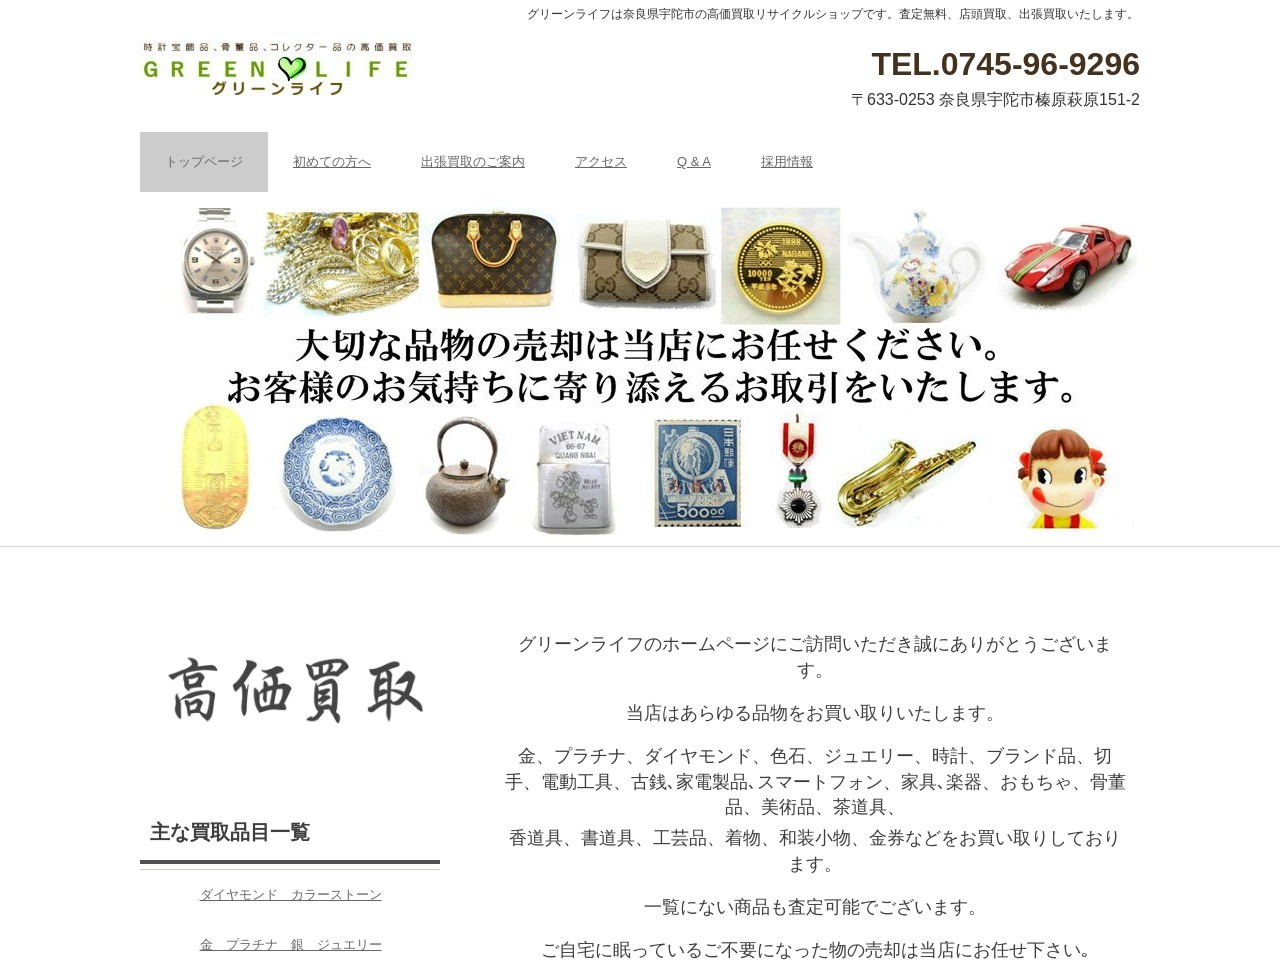 グリーンライフ | グリーンライフは奈良県宇陀市の高価買取リサイクルショップです。査定無料、店頭買取、出張買取いたします。